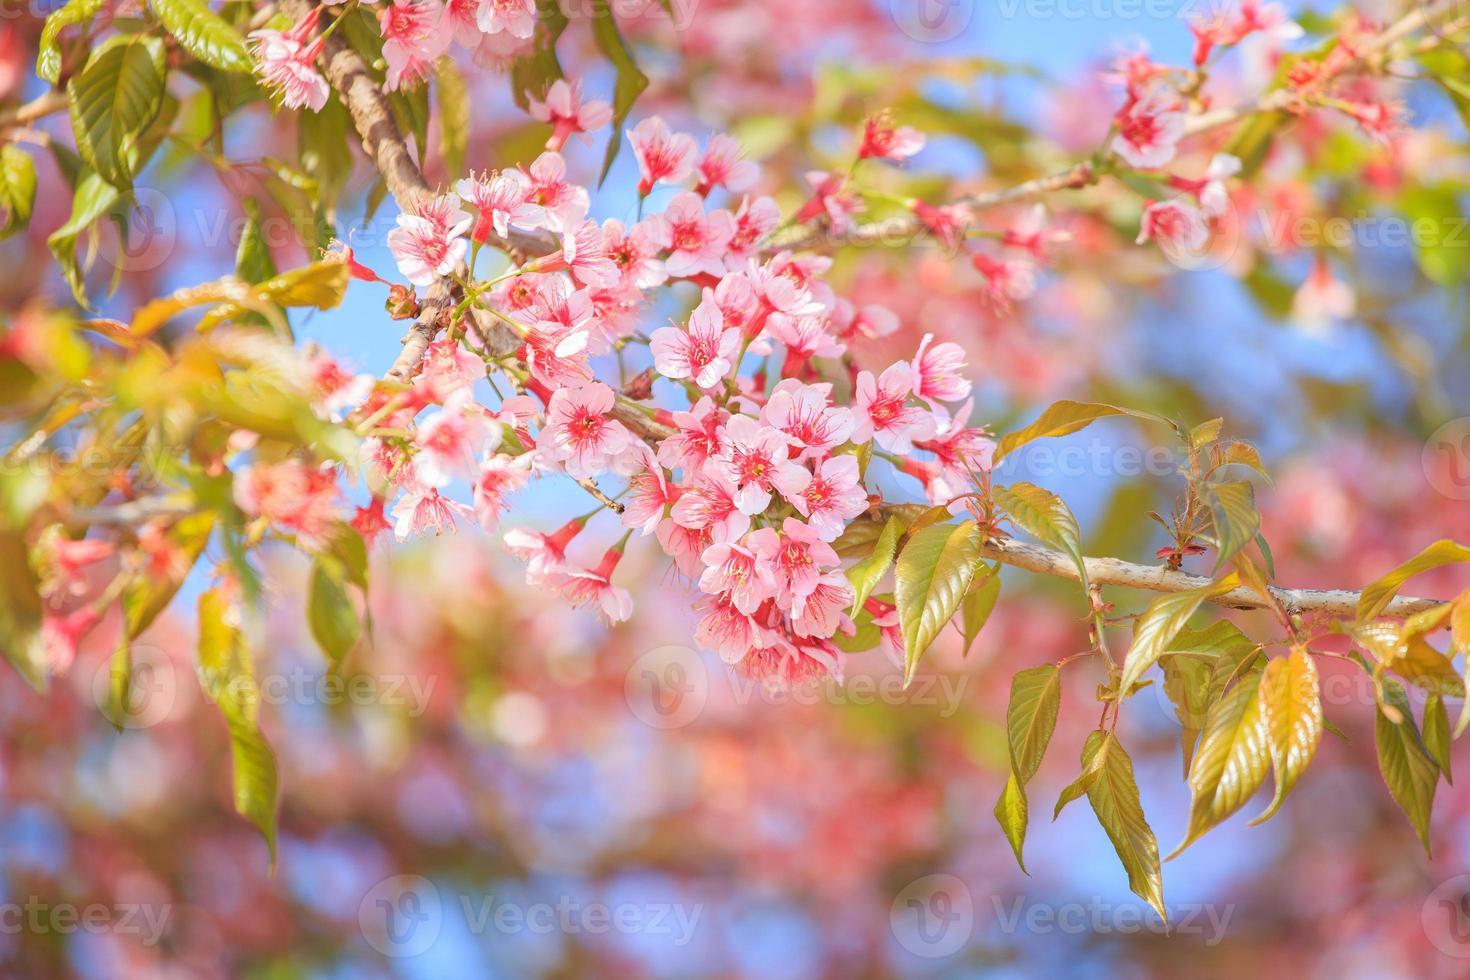 linda flor de cerejeira foto